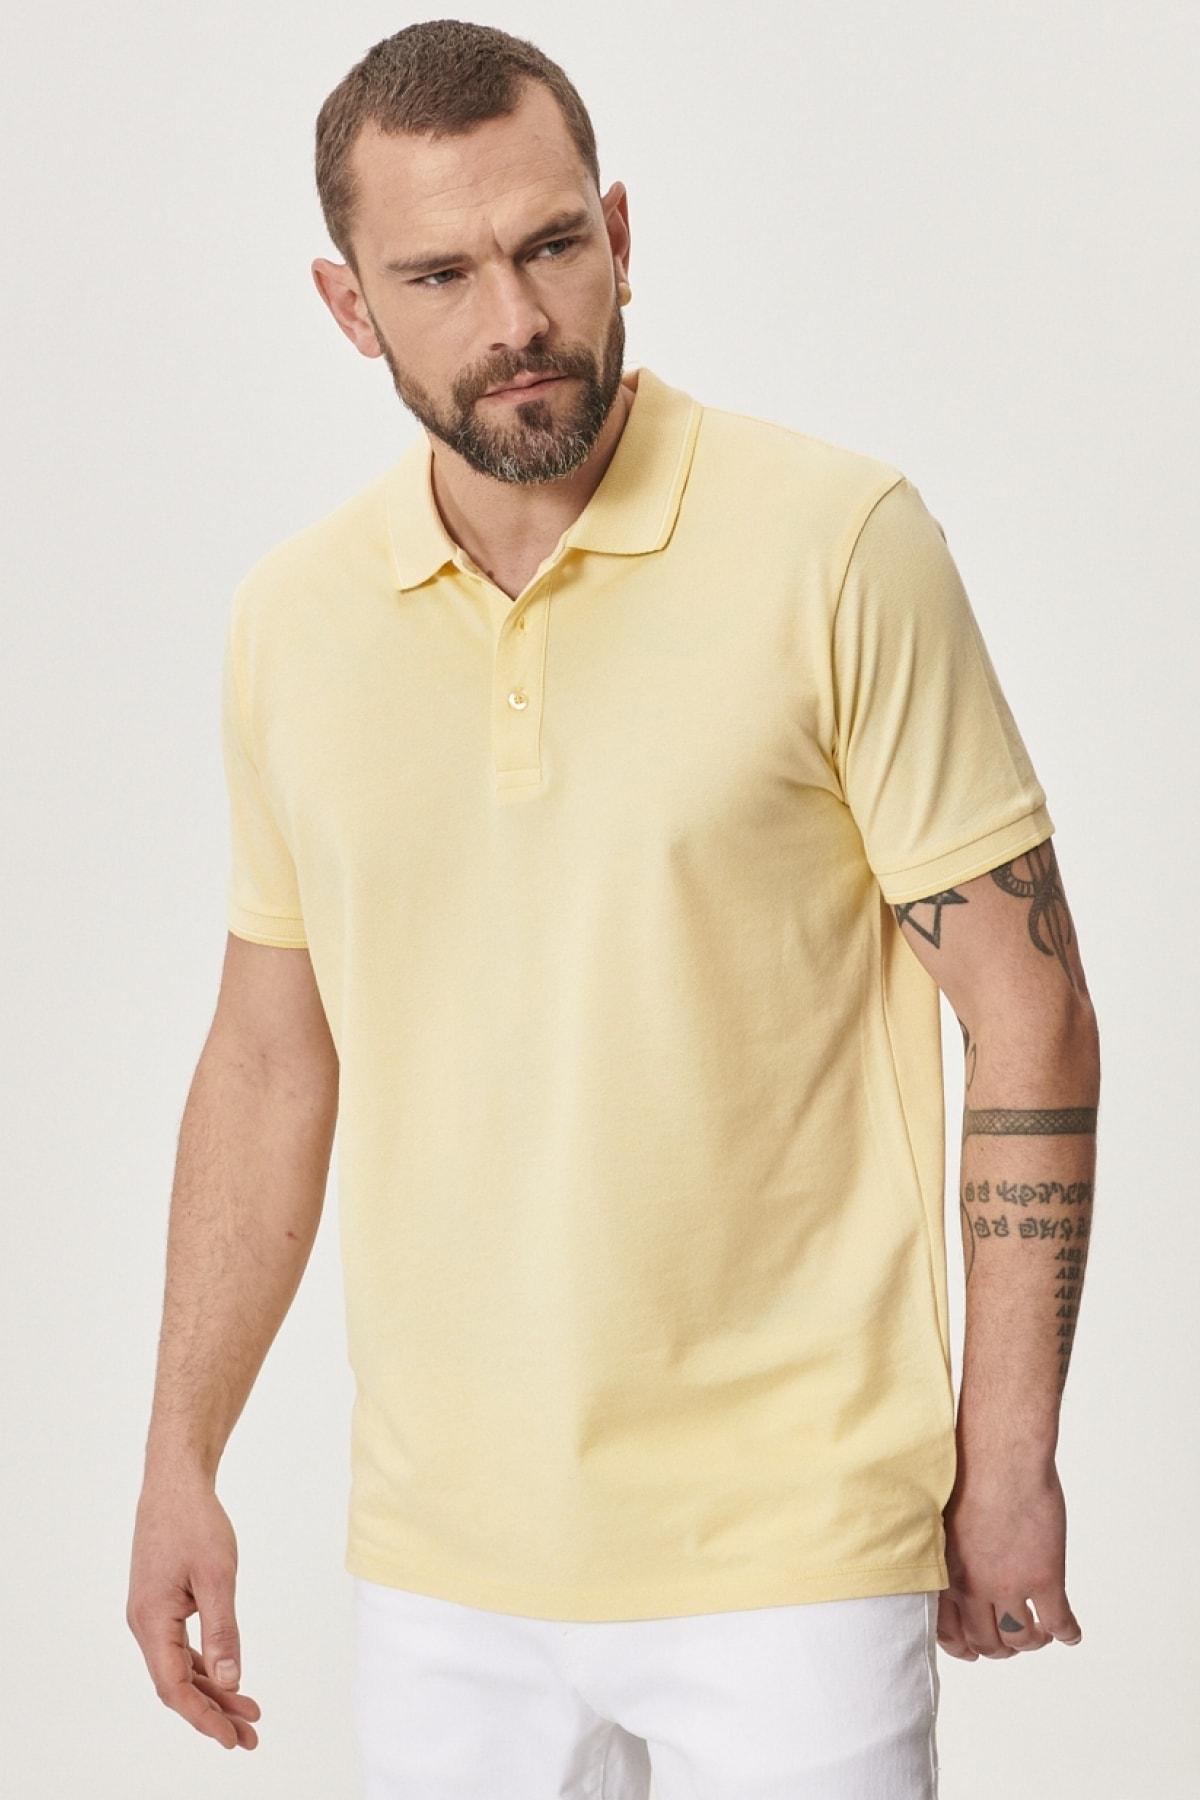 Erkek Sarı-Beyaz Düğmeli Polo Yaka Cepsiz Slim Fit Dar Kesim Düz Tişört